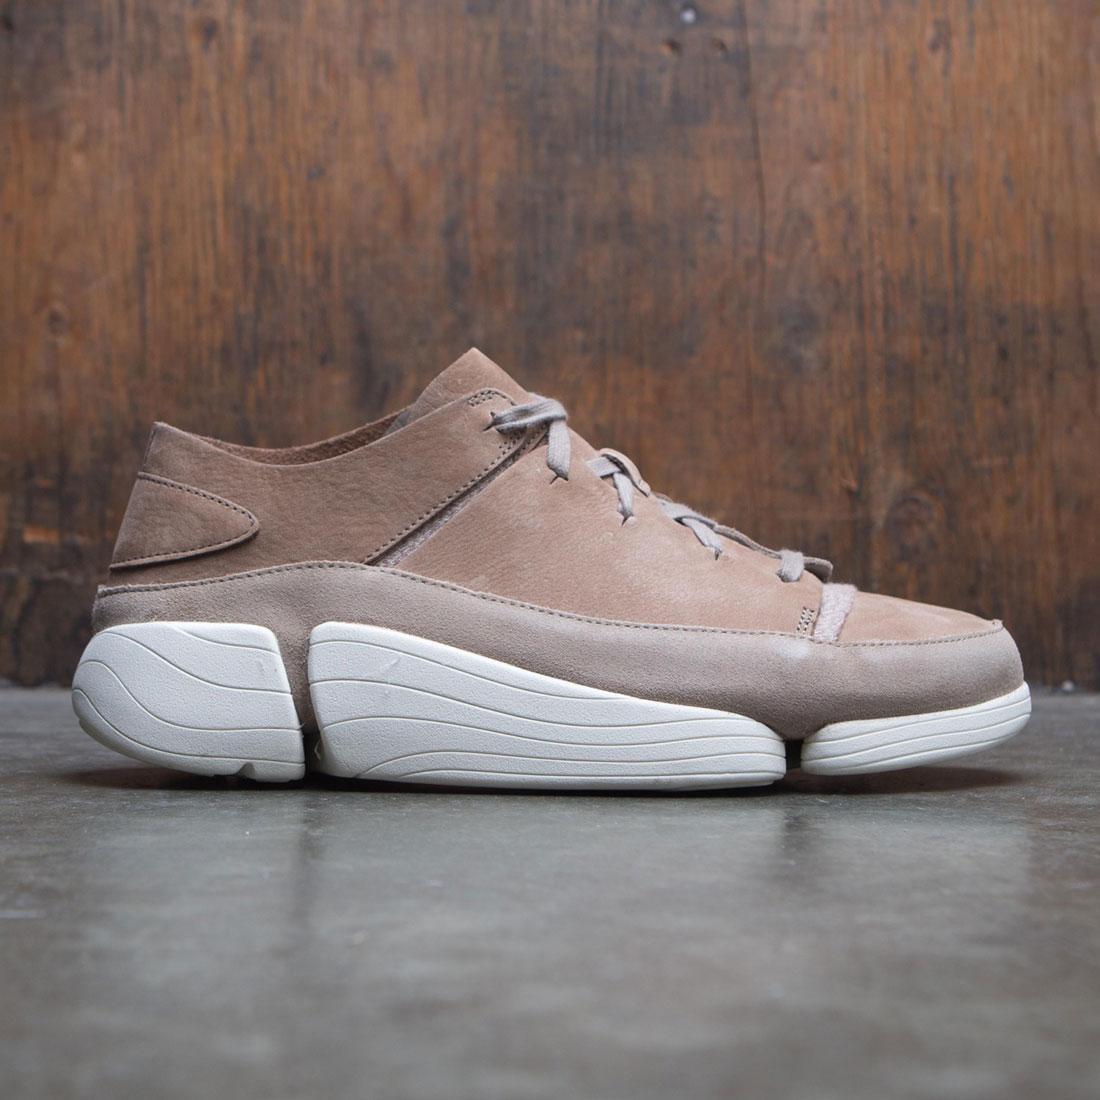 【海外限定】クラークス 砂色 サンド スニーカー 靴 【 CLARKS MEN TRIGENIC EVO SAND BROWN 】